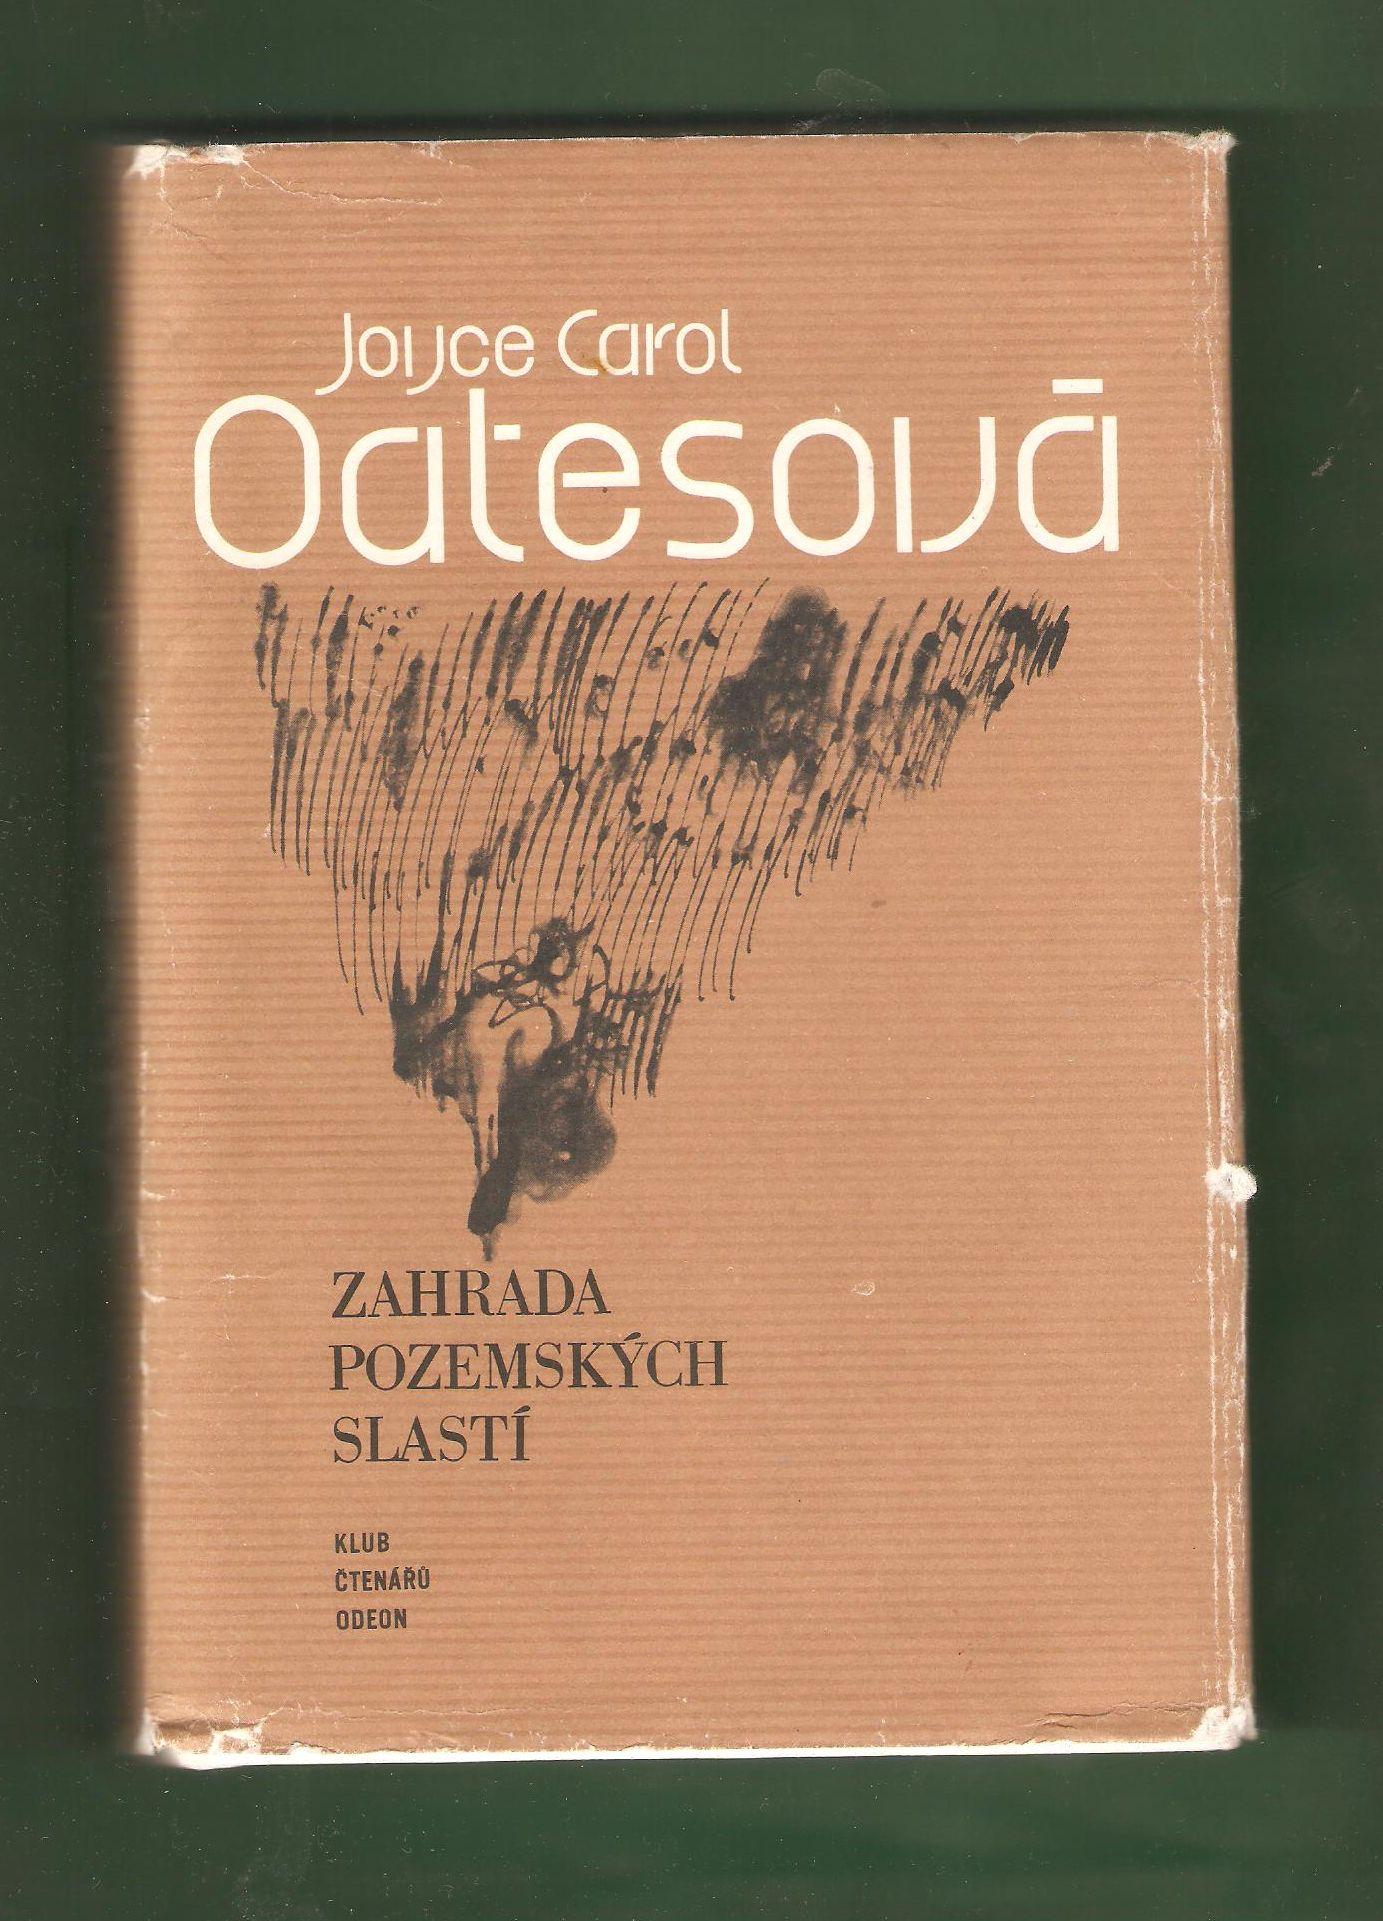 Zahrada pozemských slastí - Joyce Carol Oatesová